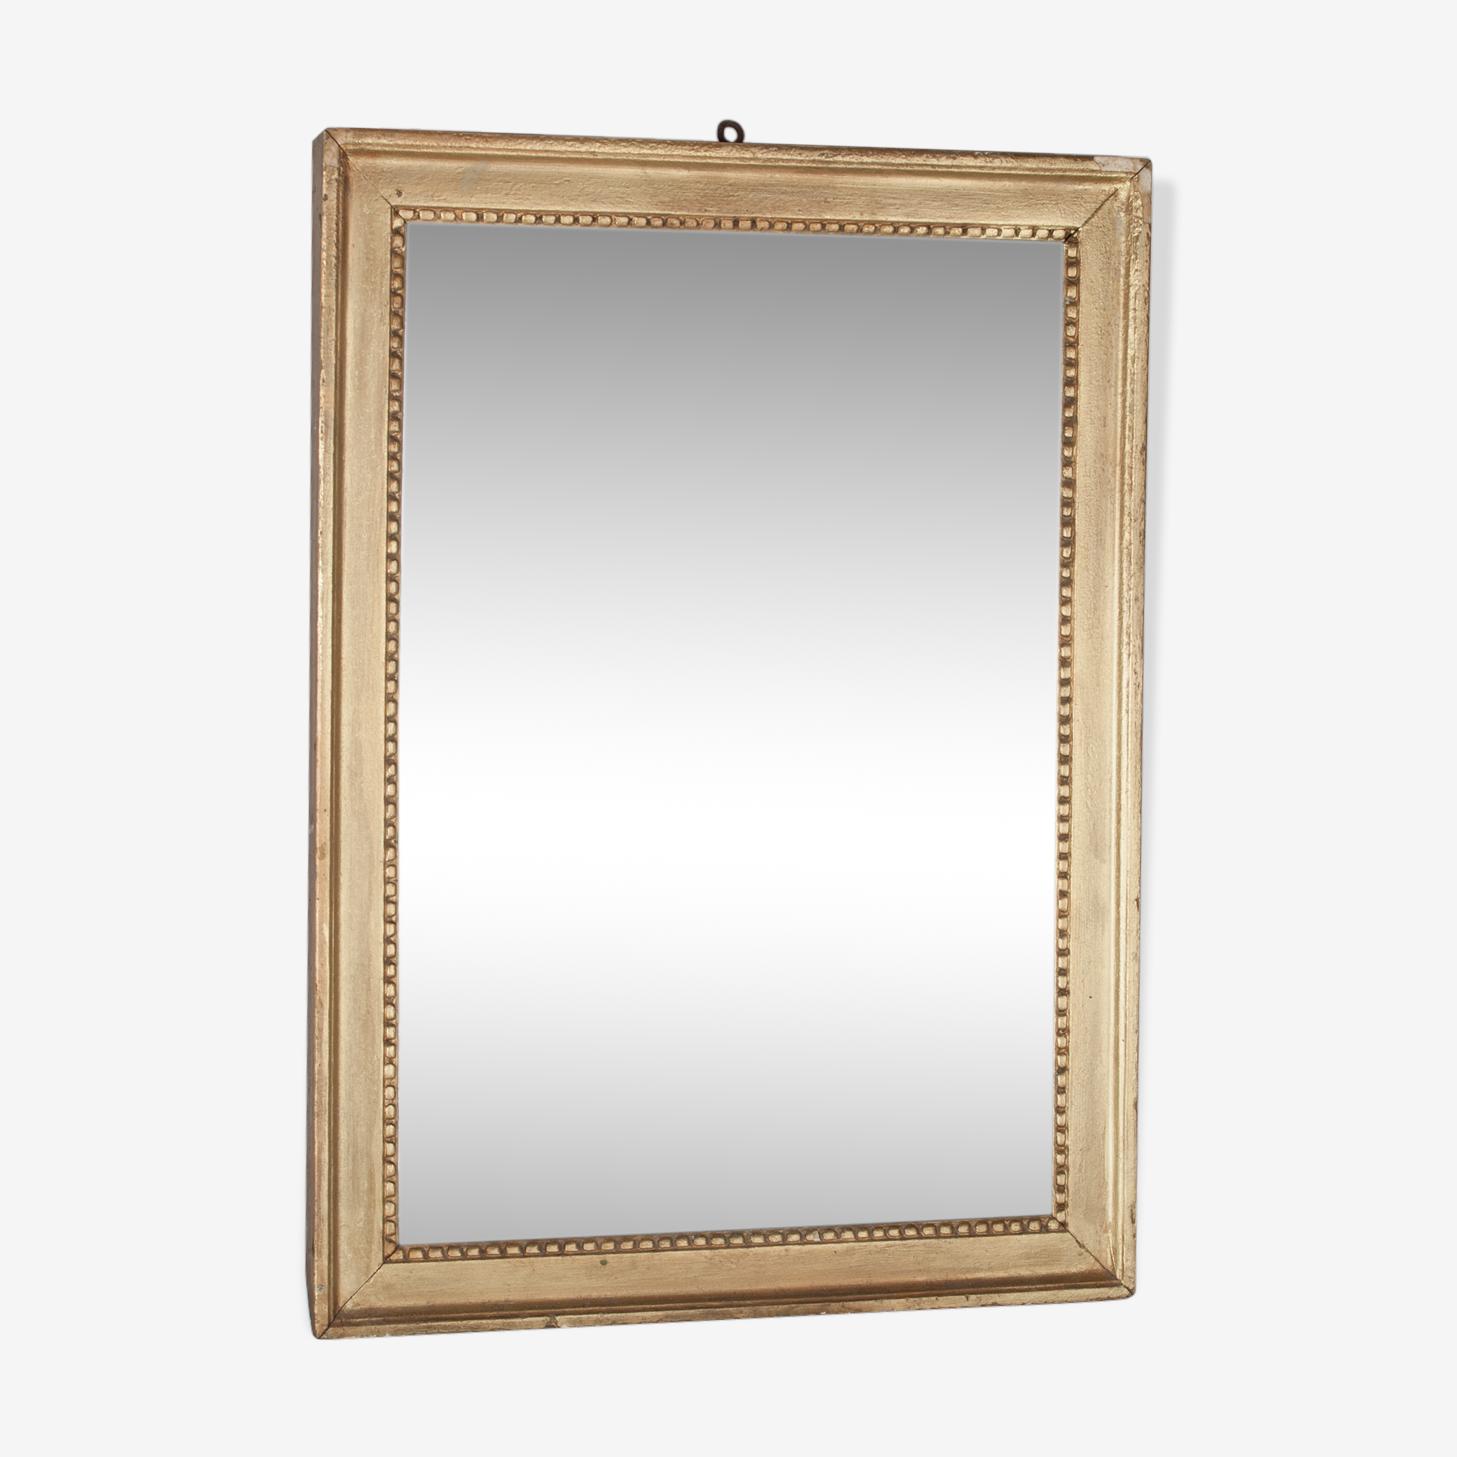 Miroir ancien style Louis XVI au mercure, 70 x 51,50 cm